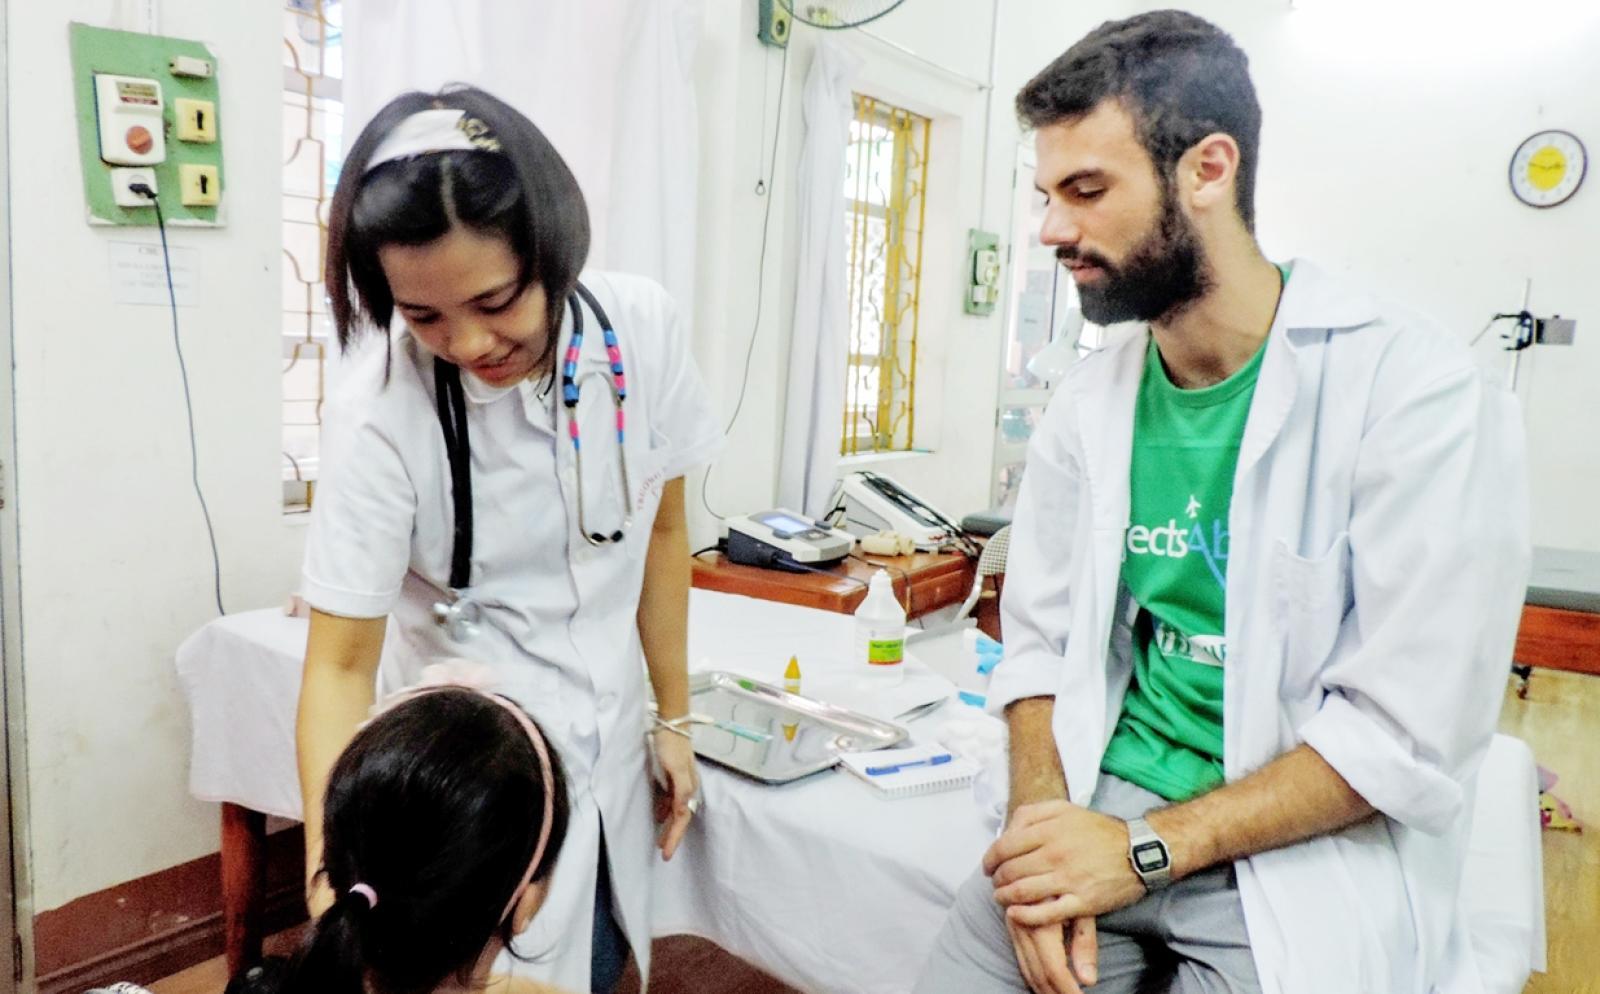 ベトナムの病院で活動する看護インターンと現地人看護婦